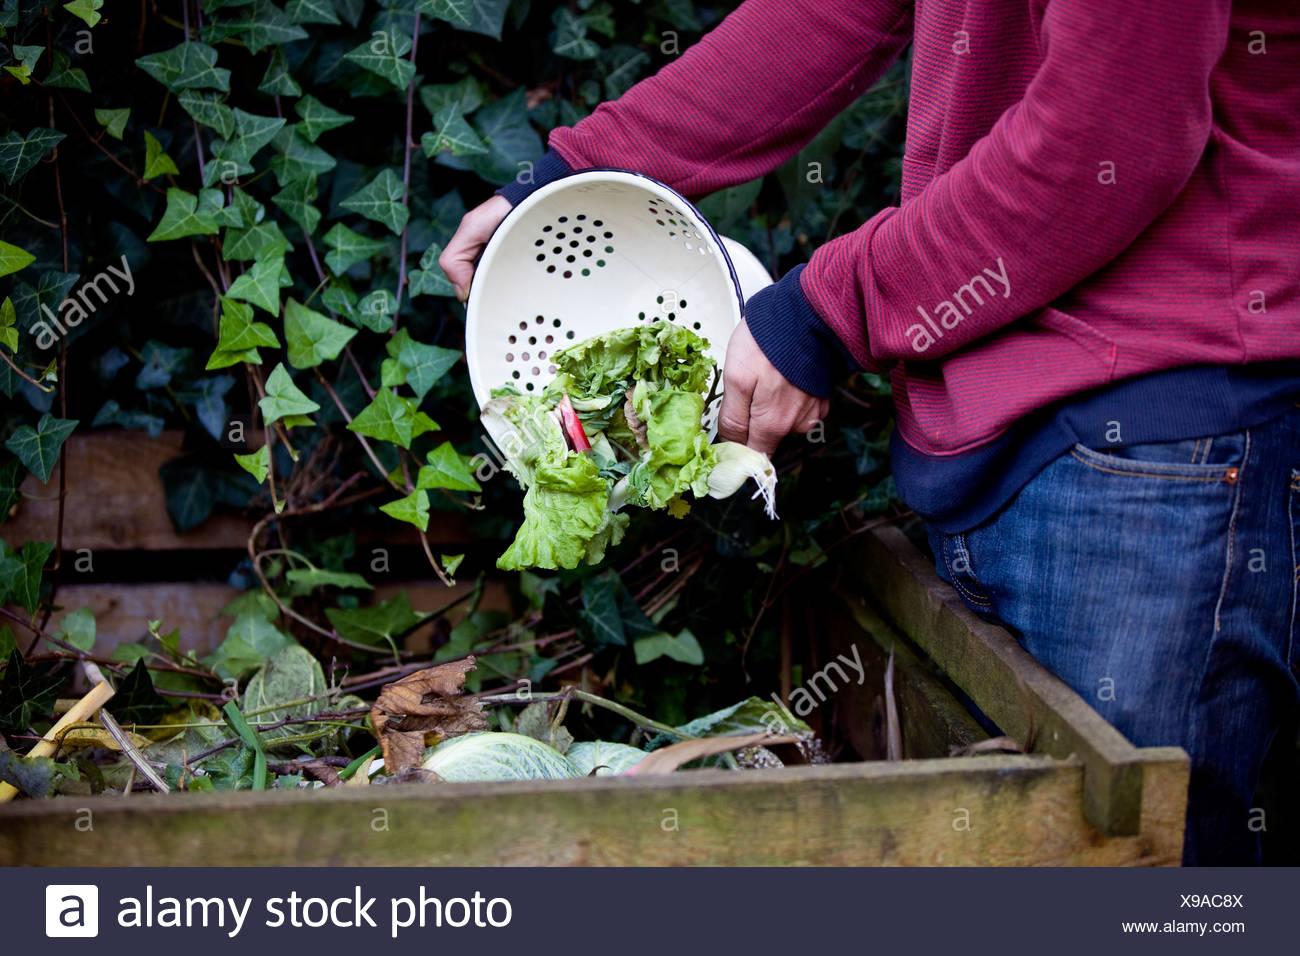 Ein Mann Entleerung Gemüse Peelings auf einem Komposthaufen Stockbild